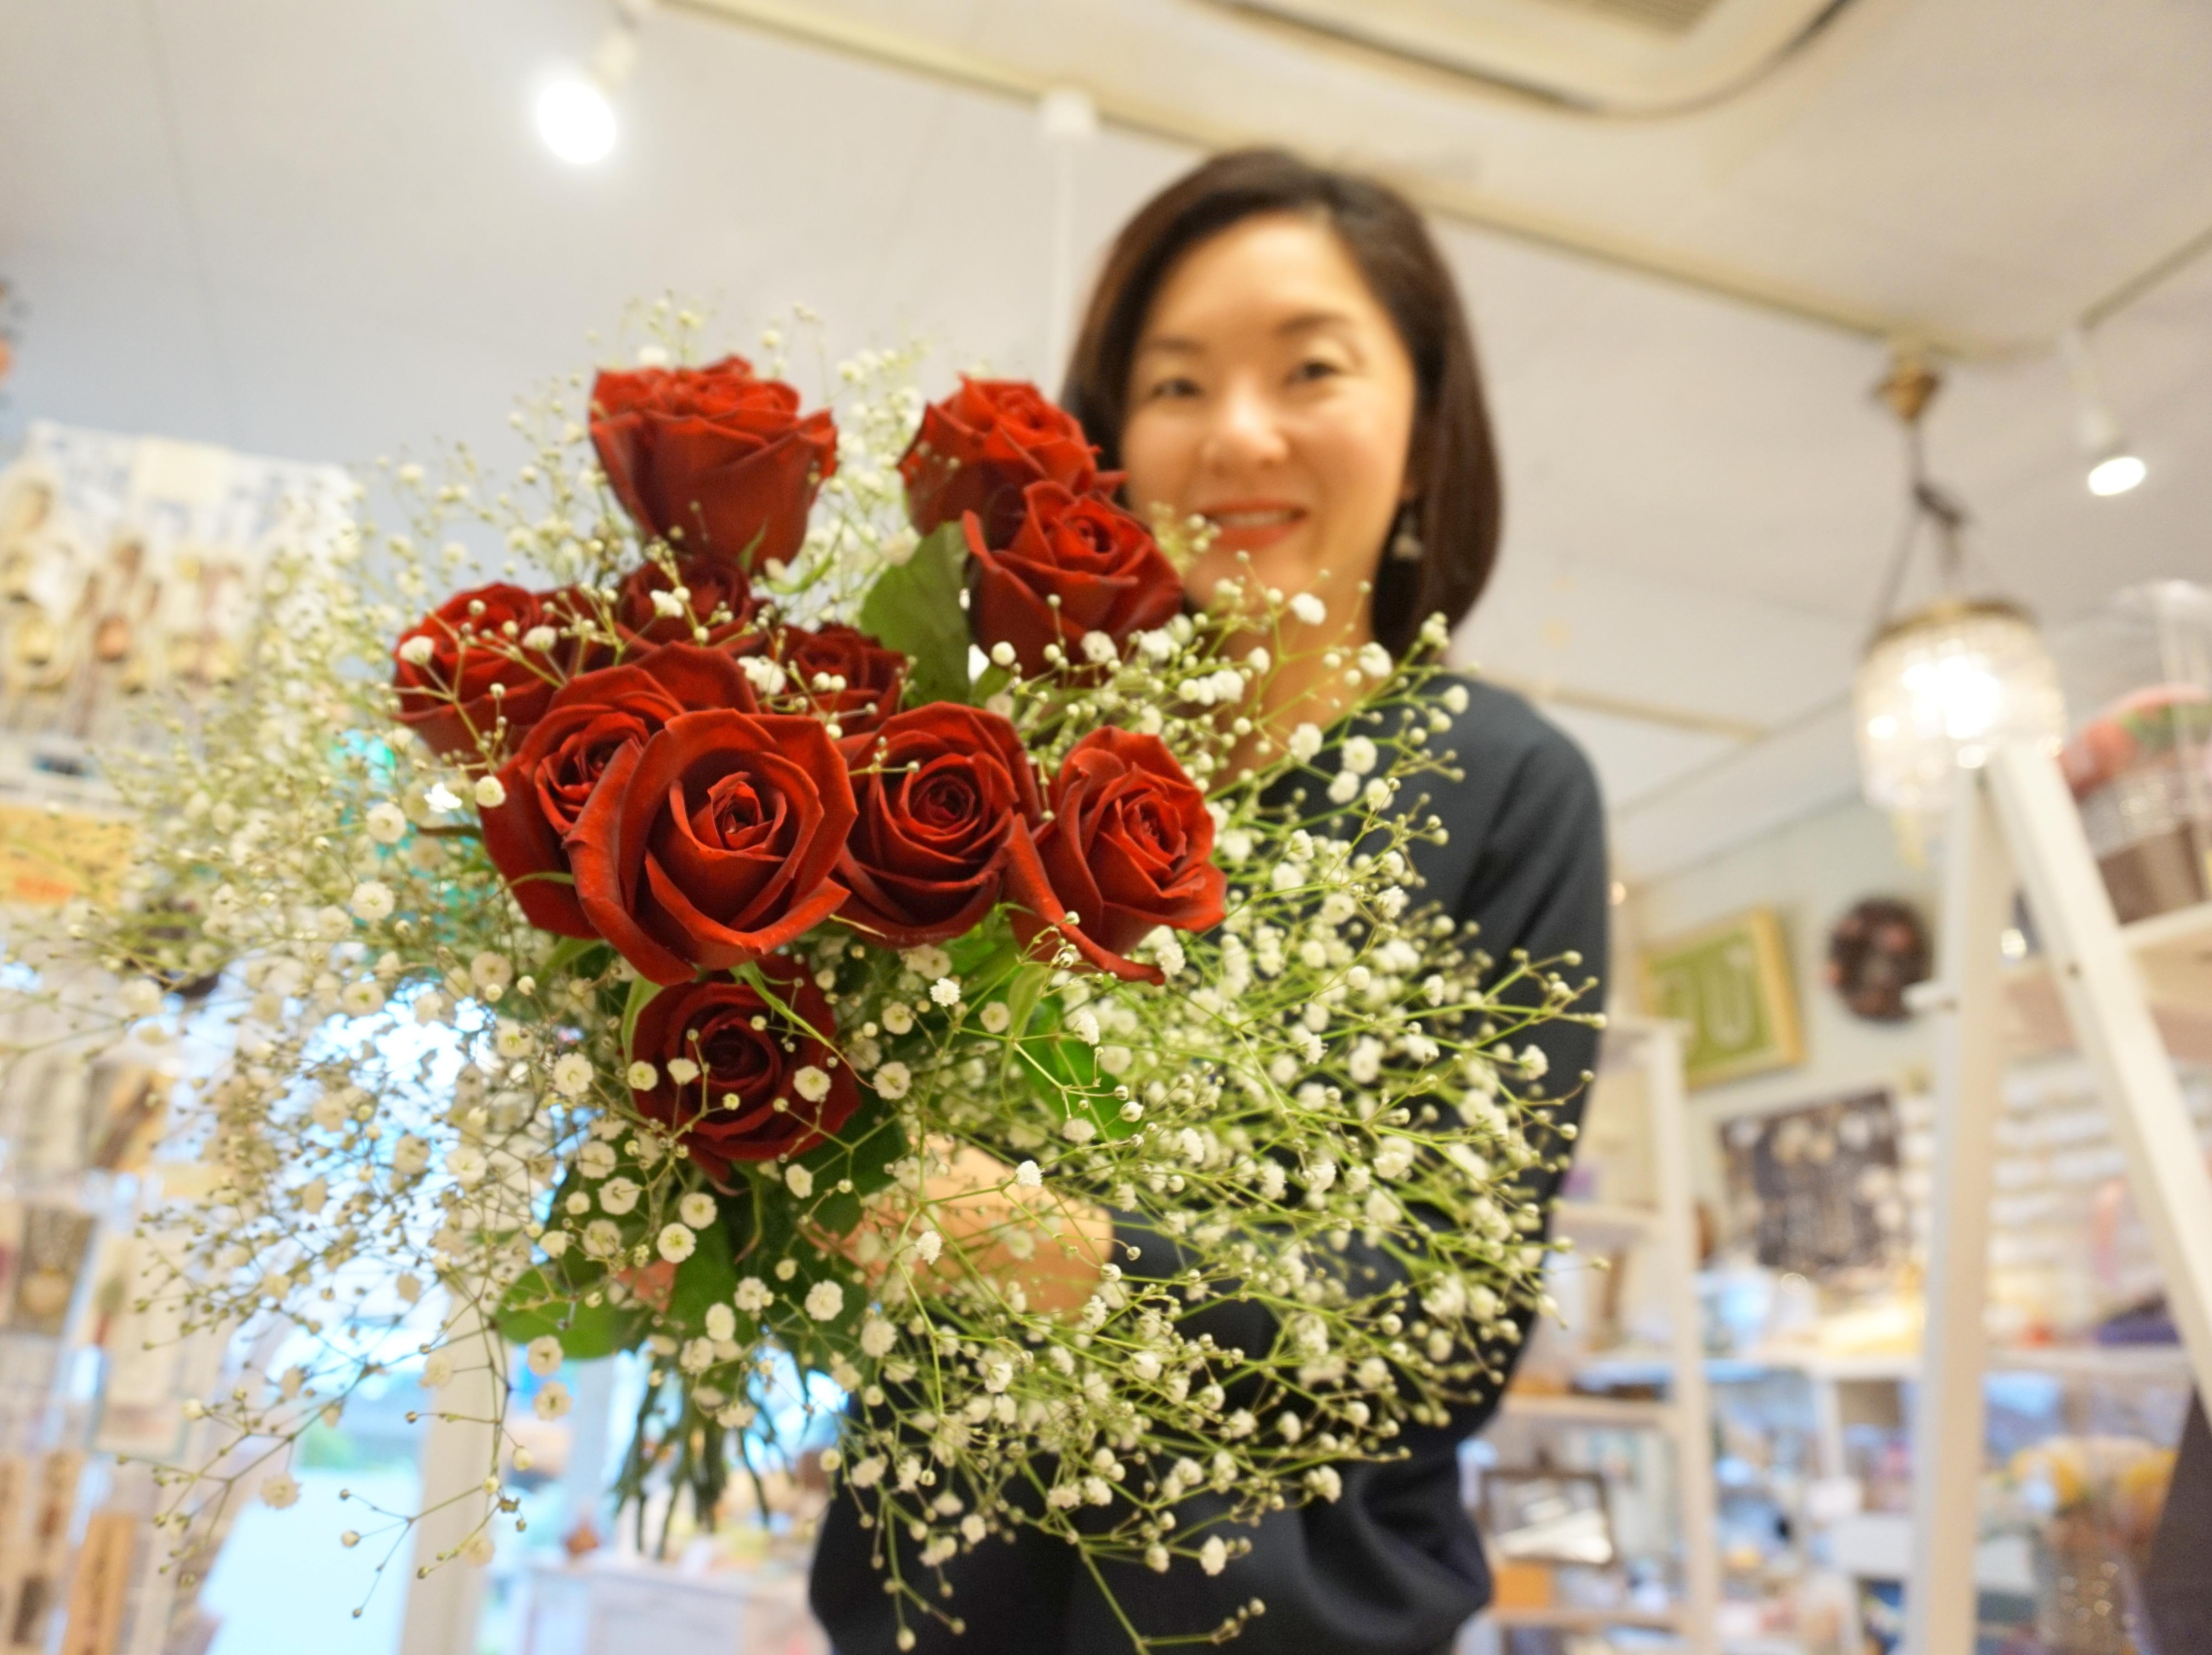 兵藤由花赤い薔薇